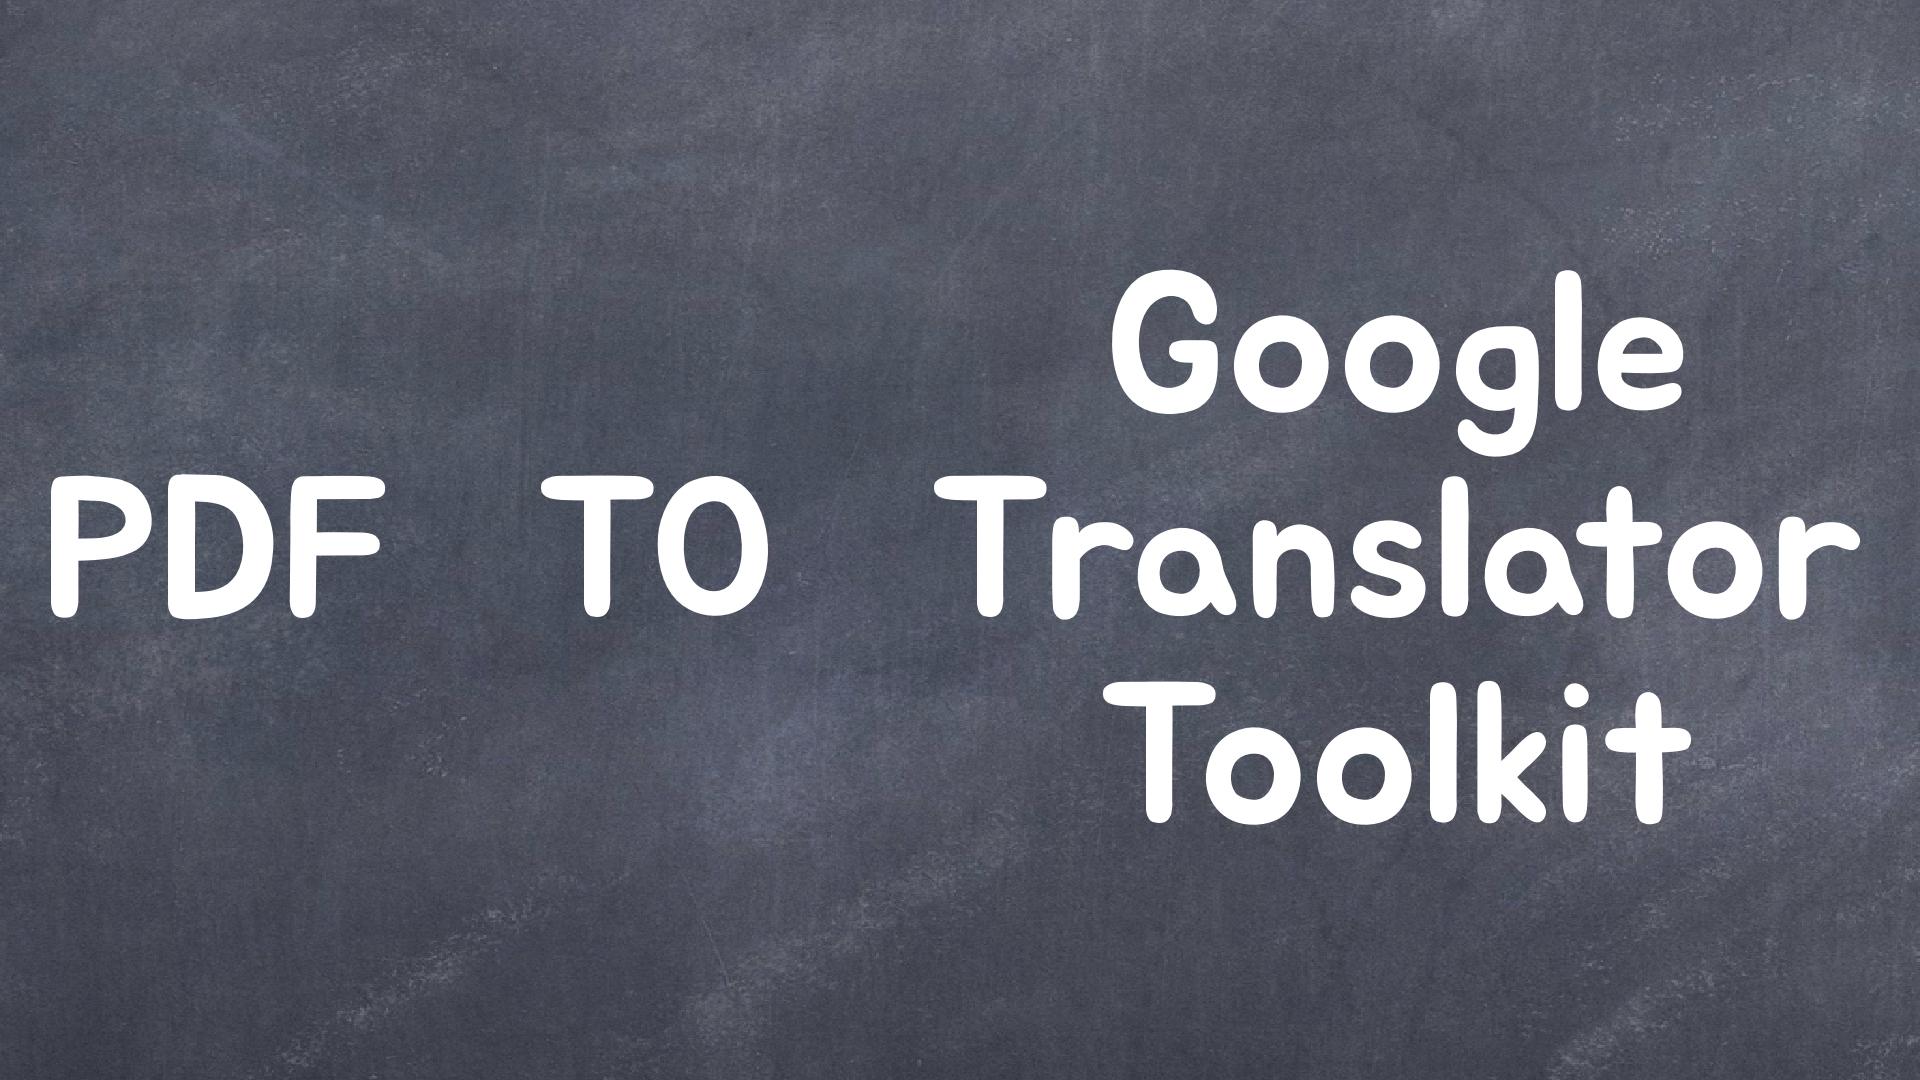 PDF 책 구글 번역가 도구에서 번역하기